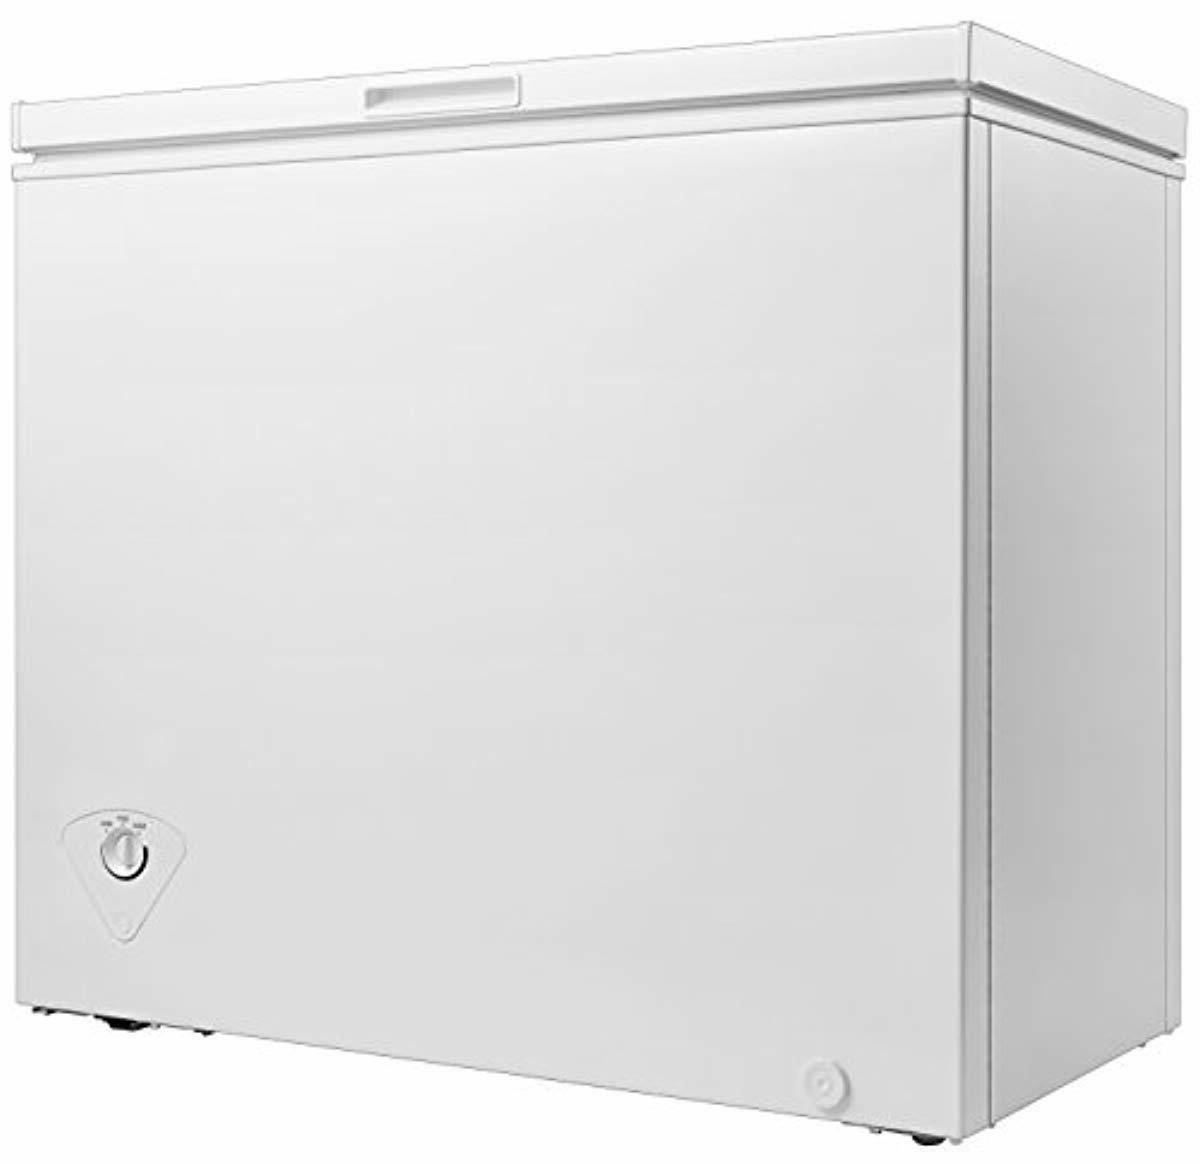 Midea Freezer, 7.0